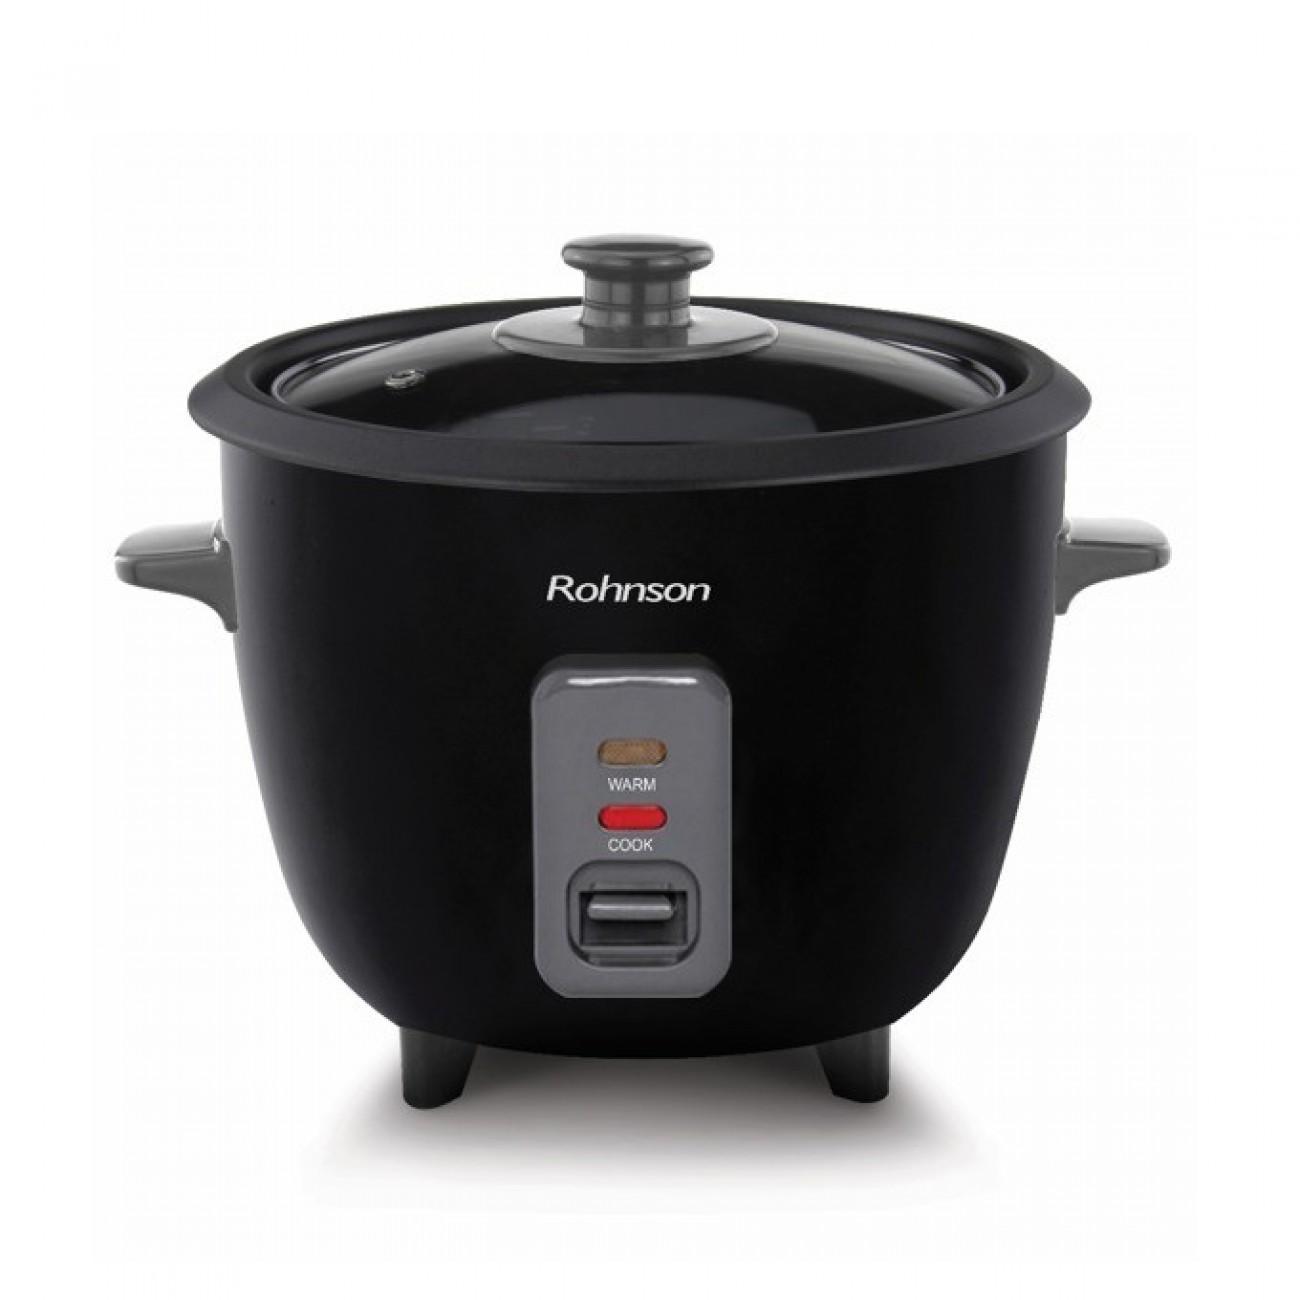 Уред за варене на ориз Rohnson RC-12 Black, 0.6 л. вместимост, защита от прегряване, незалепваща повърхност, 300W в Multicooker & Уреди за готвене - Rohnson | Alleop